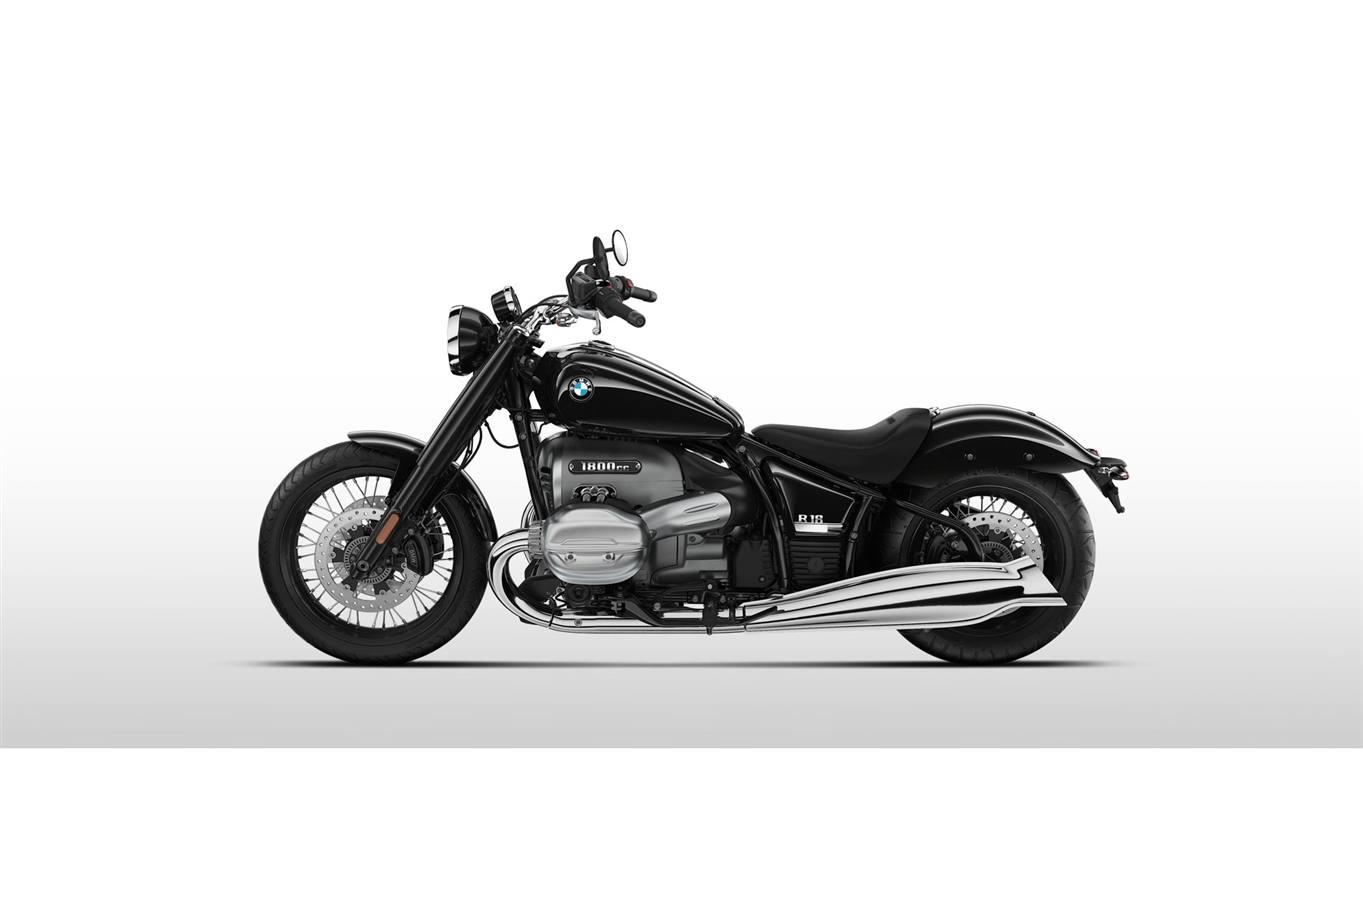 2021 Bmw R 18 For Sale In Fredericksburg Va Morton S Bmw Motorcycles Fredericksburg Va 540 891 9844